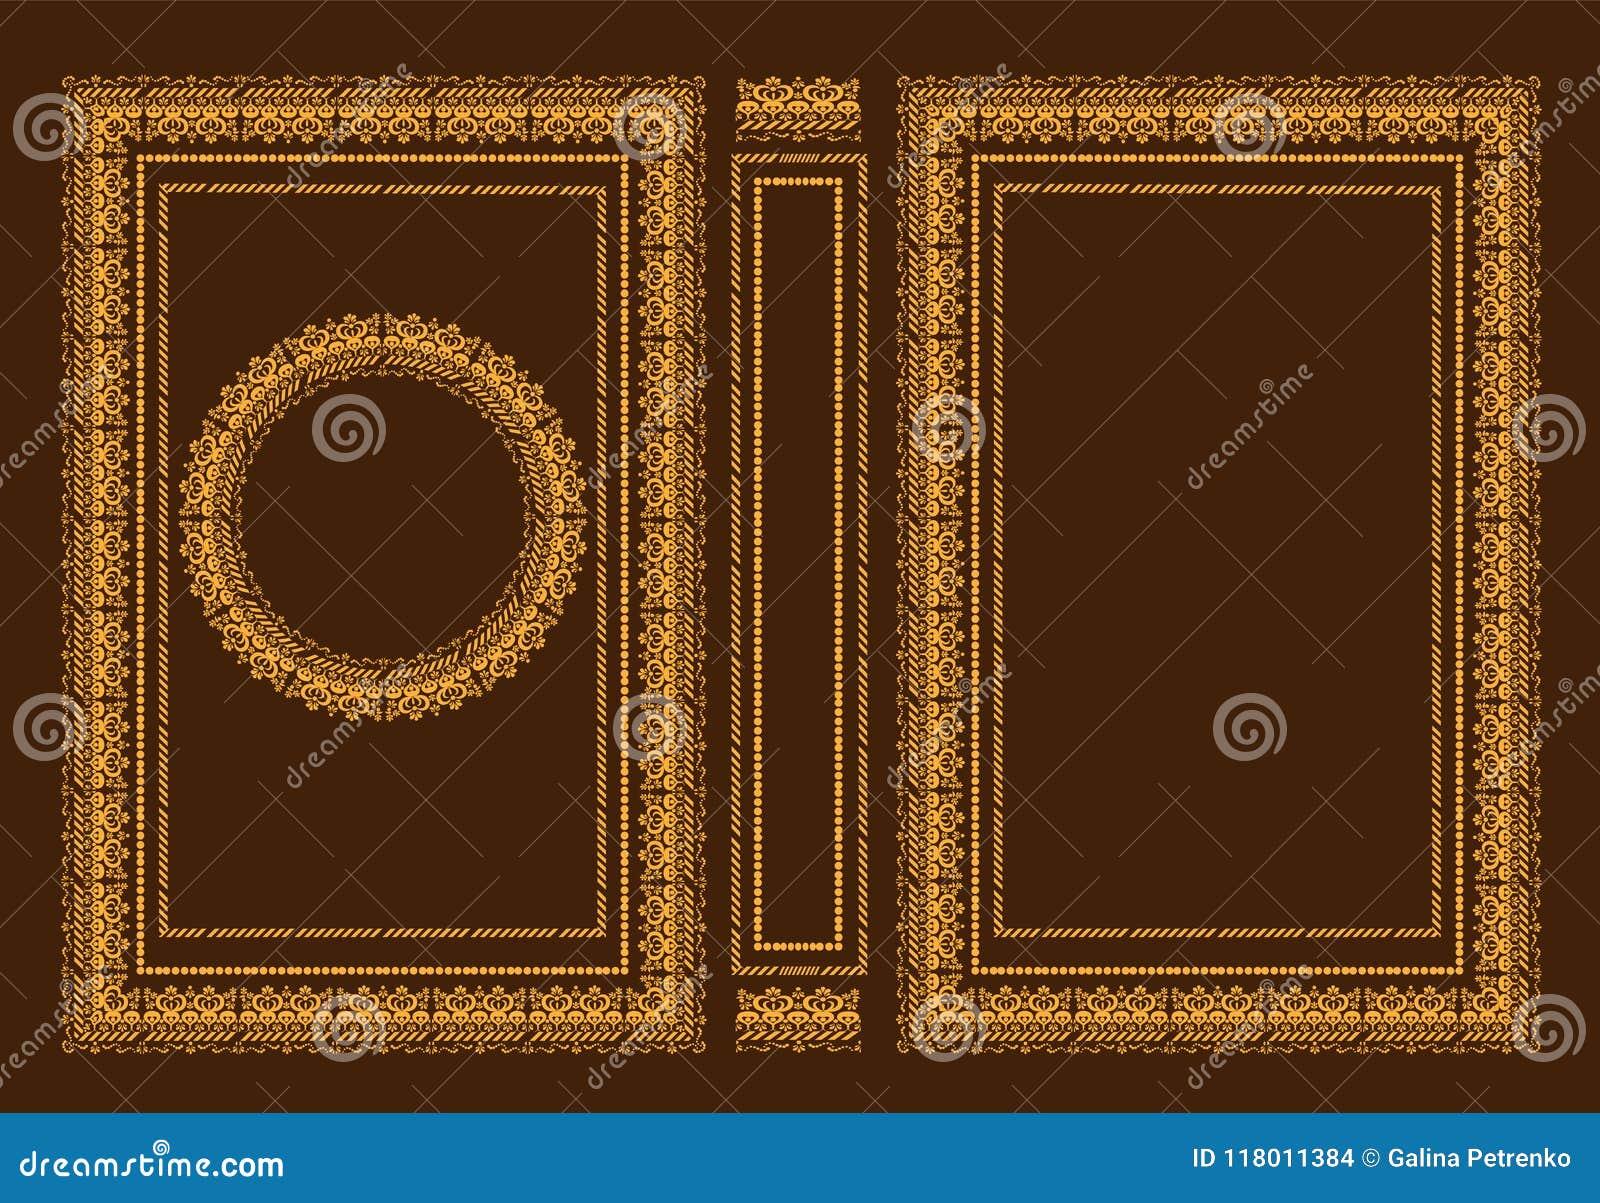 Обложки книги классики вектора Декоративная античная рамка или рамка для печатать на обложках книги Оно нарисовано нормальным раз